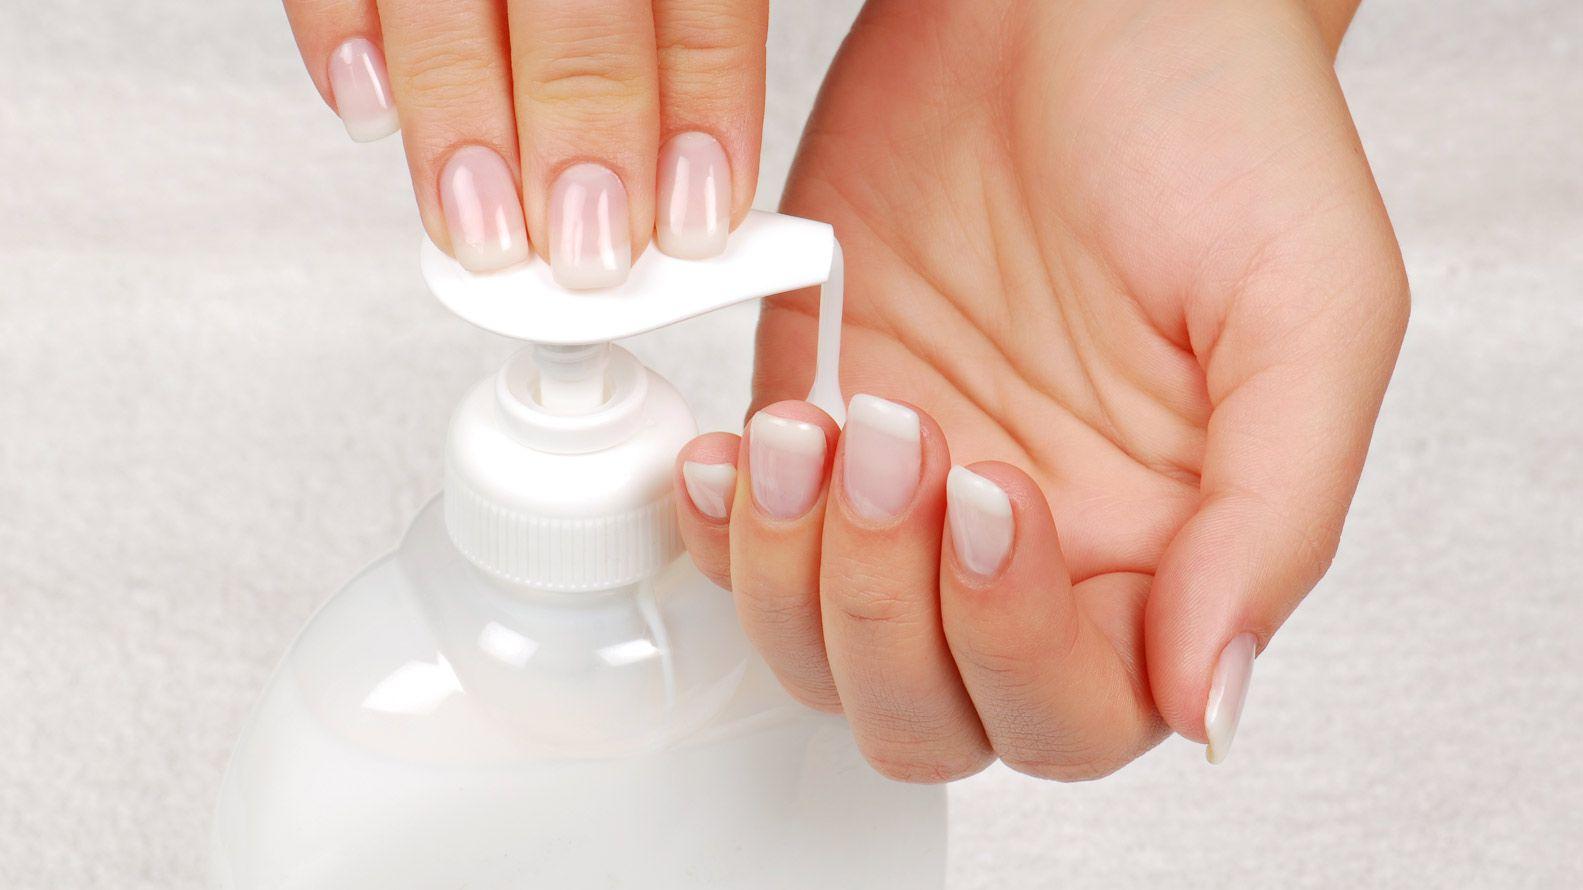 Lavarse las manos es una forma eficaz de eliminar el virus (Shutterstock)